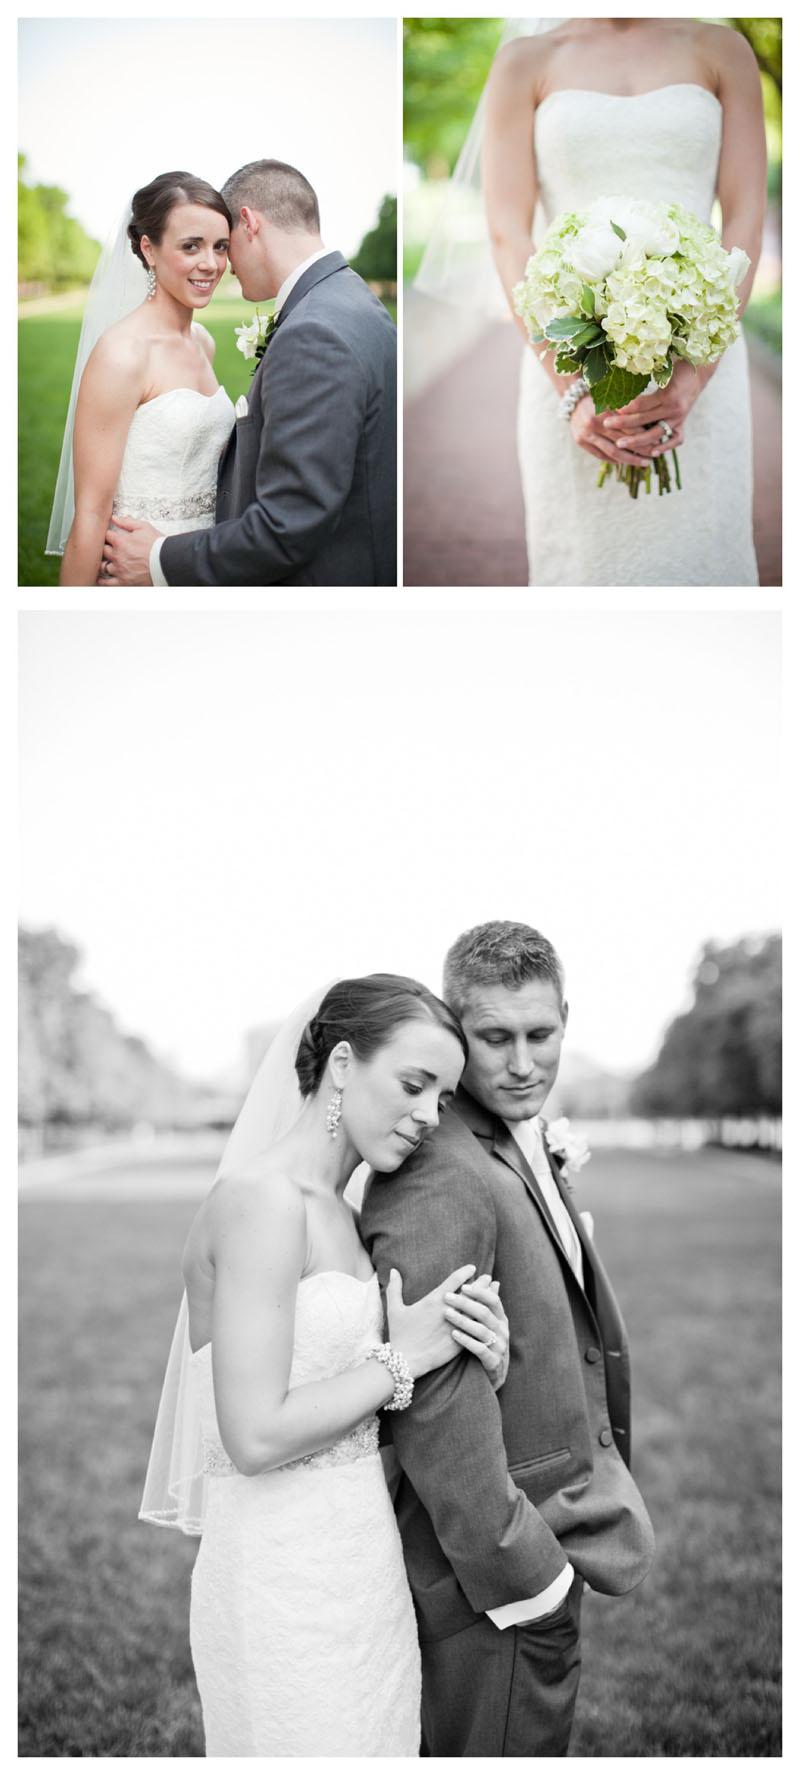 LilyGlassPhotography_Columbus Ohio Wedding Photography06.jpg